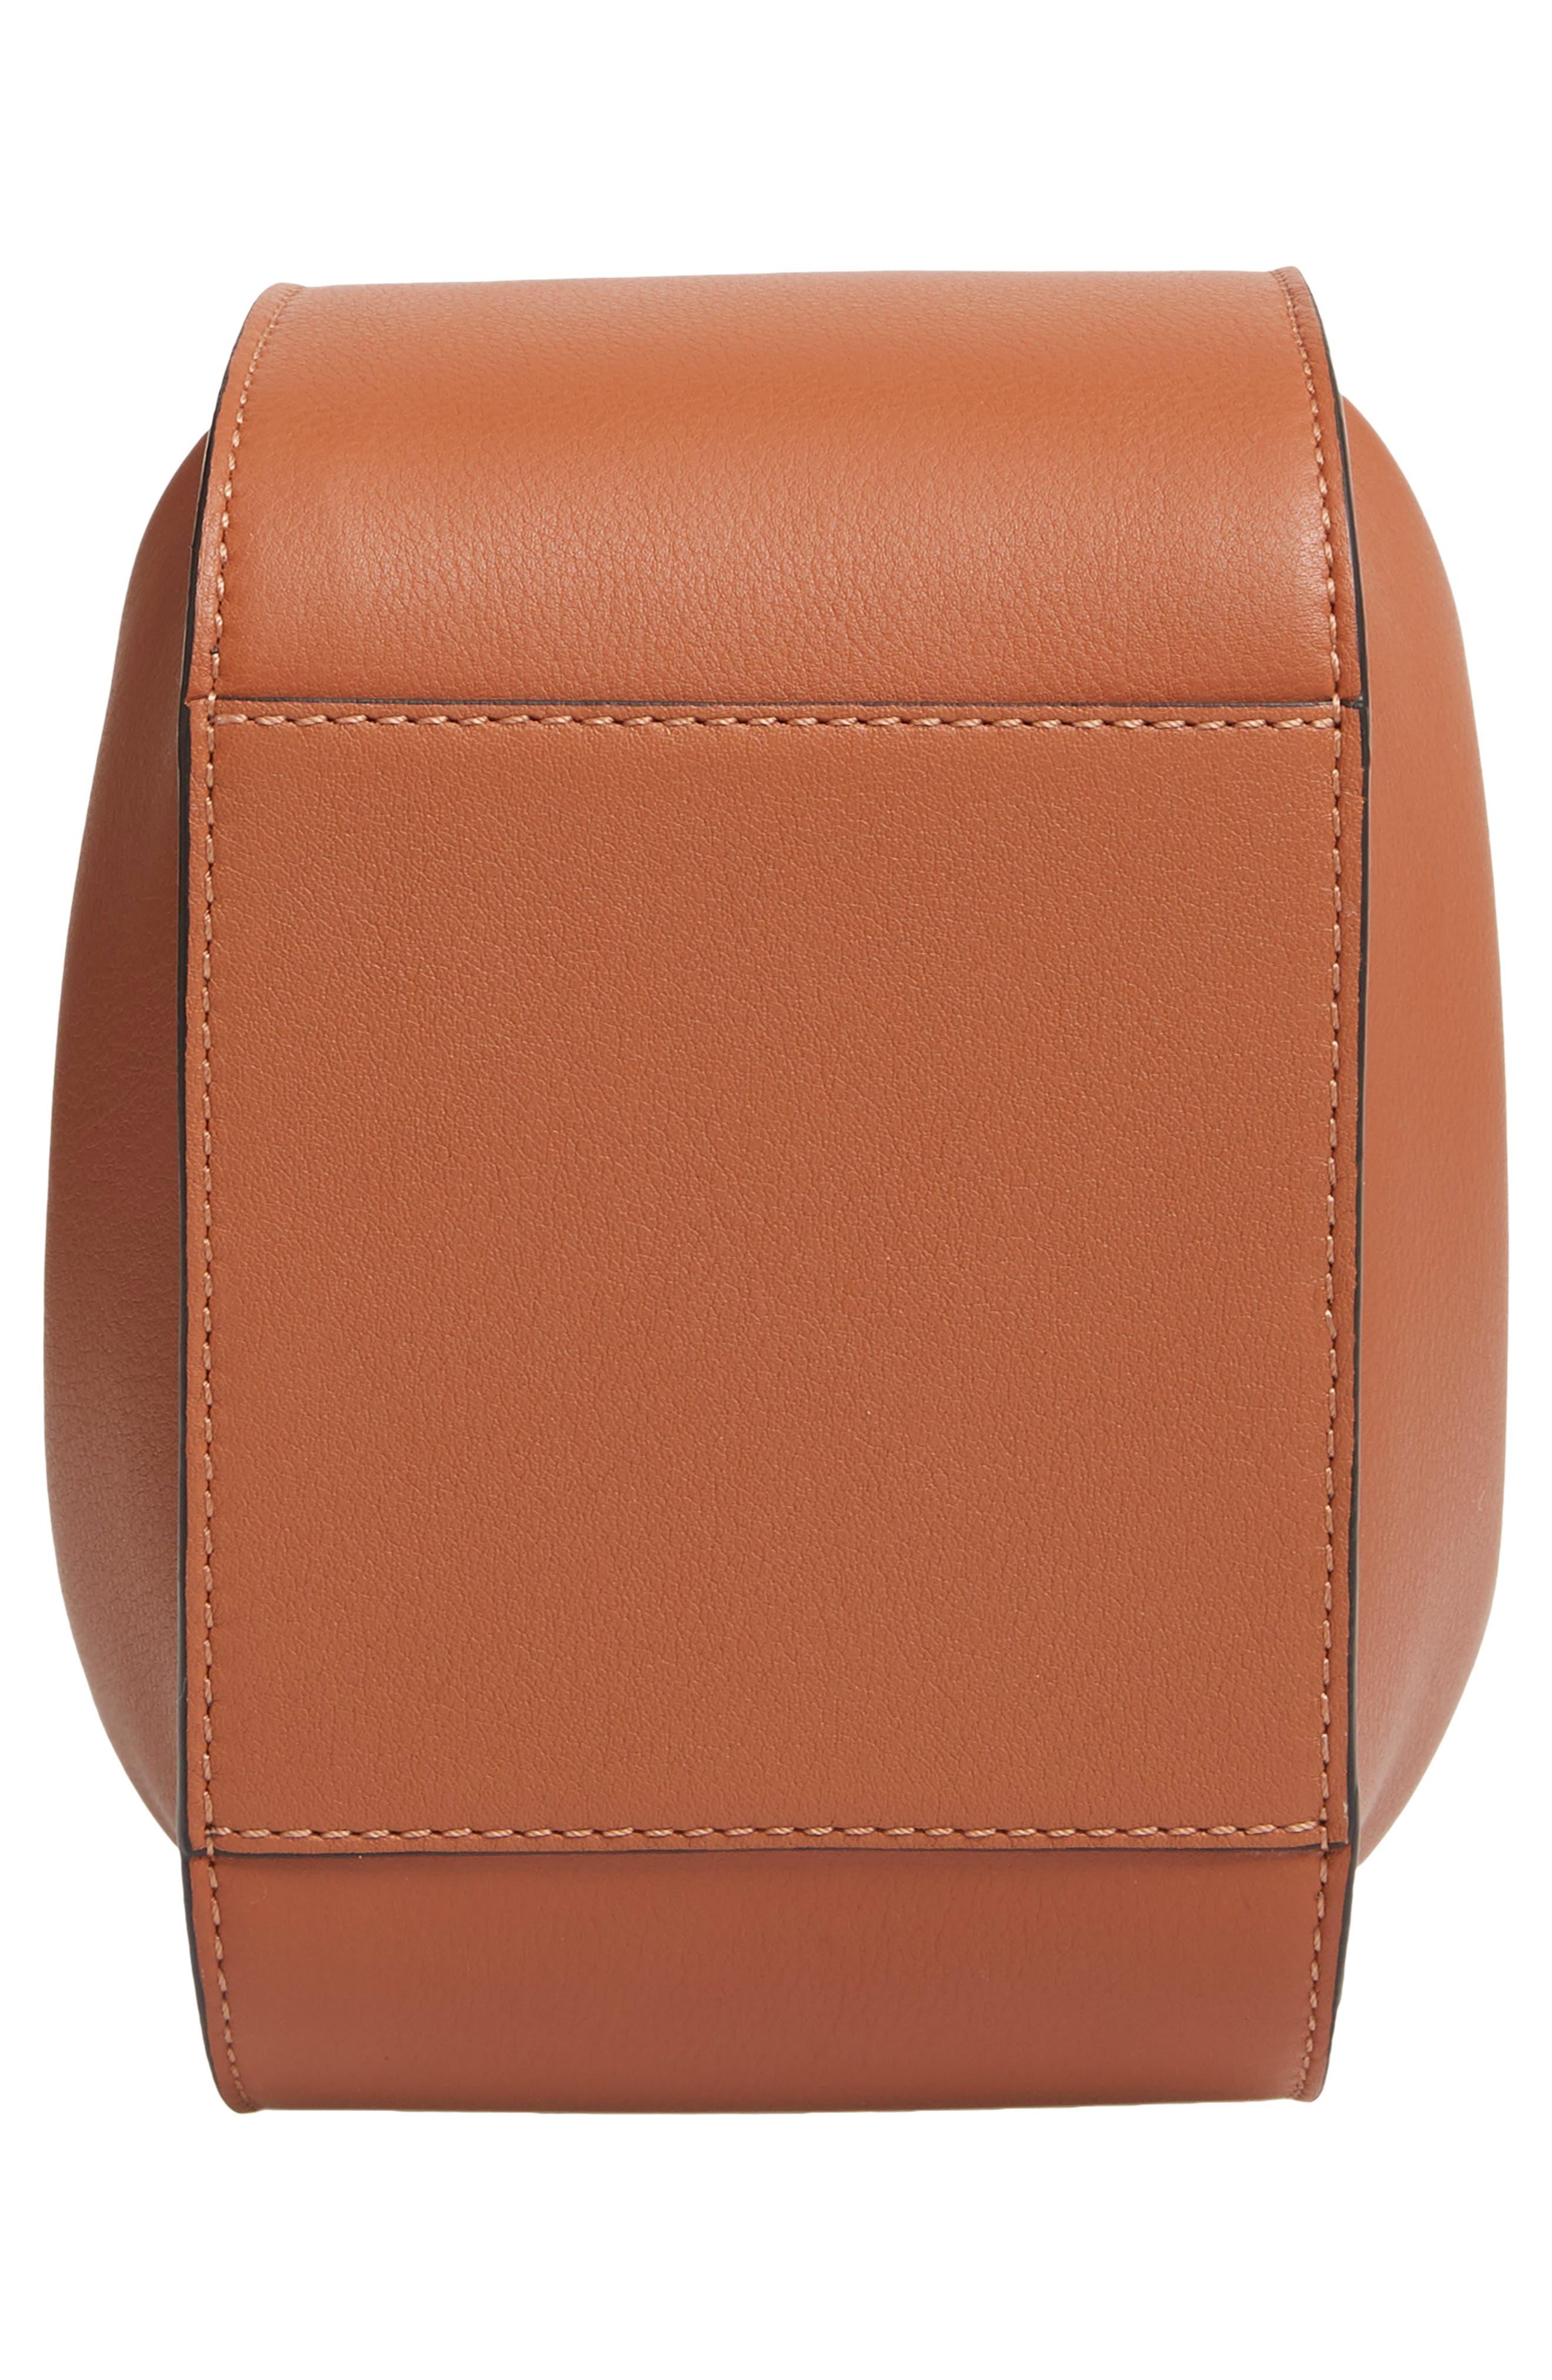 LOEWE,                             Mini Hammock Calfskin Leather Hobo Bag,                             Alternate thumbnail 7, color,                             TAN